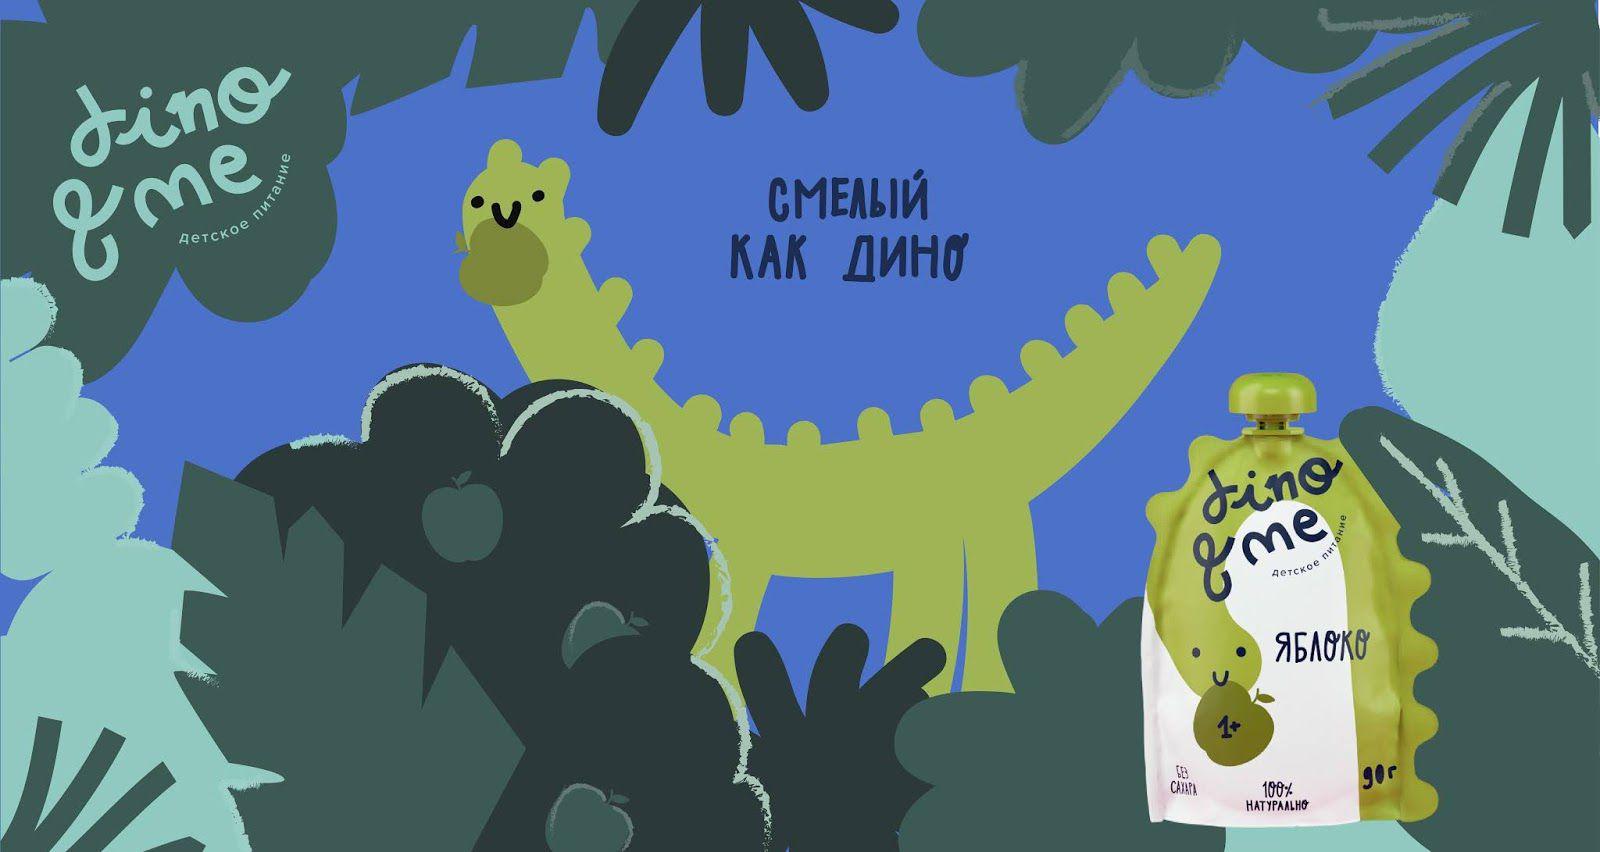 Dino&me (alimentation pour enfants) I Design (projet étudiant) : Ksenya Ippolitova (British Higher School of Art and Design), Russie (janvier 2020)